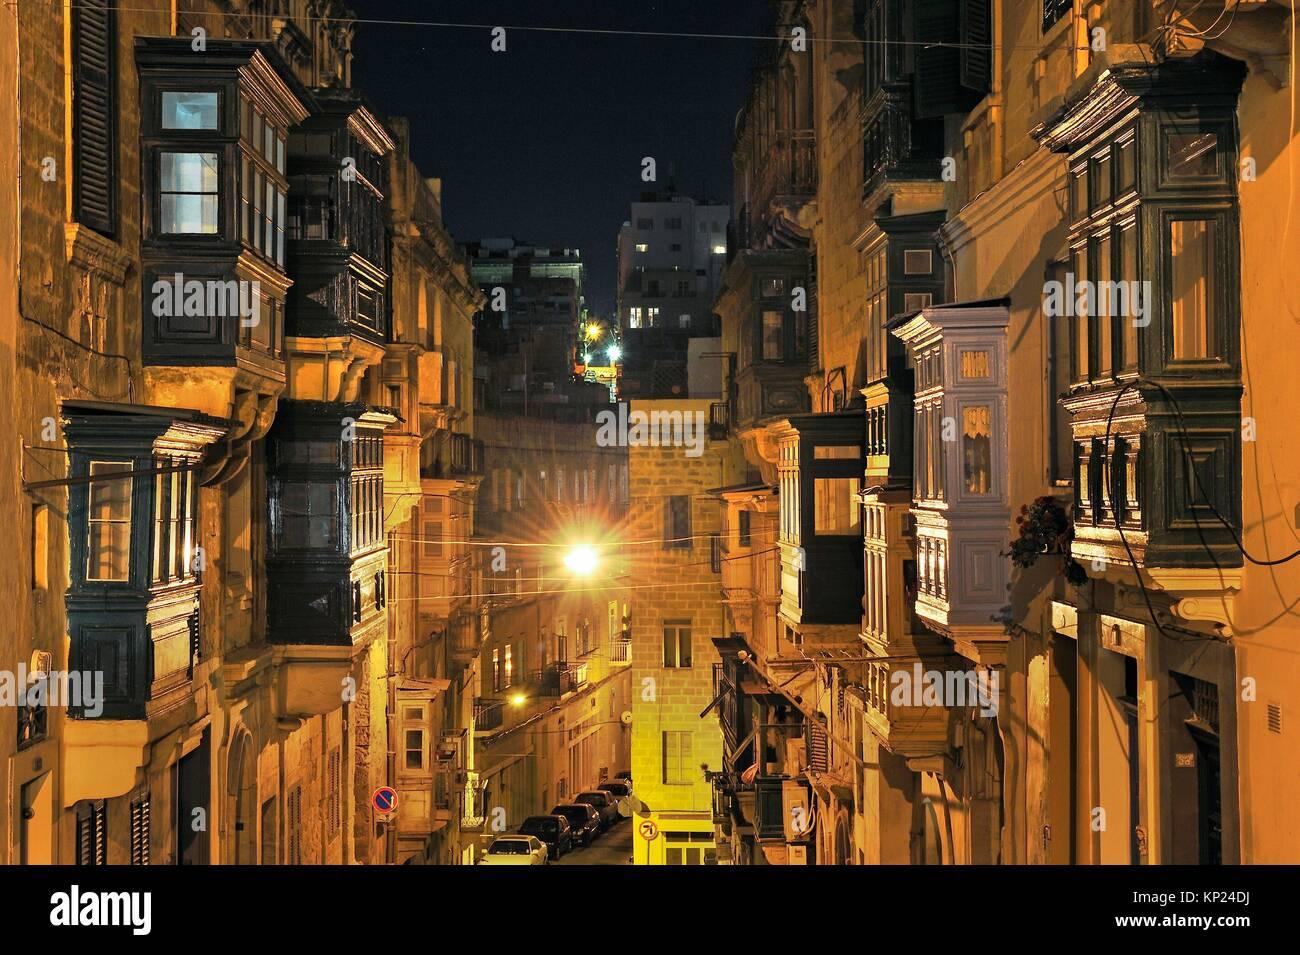 West Steet, Valletta, Malta, Southern Europe. - Stock Image